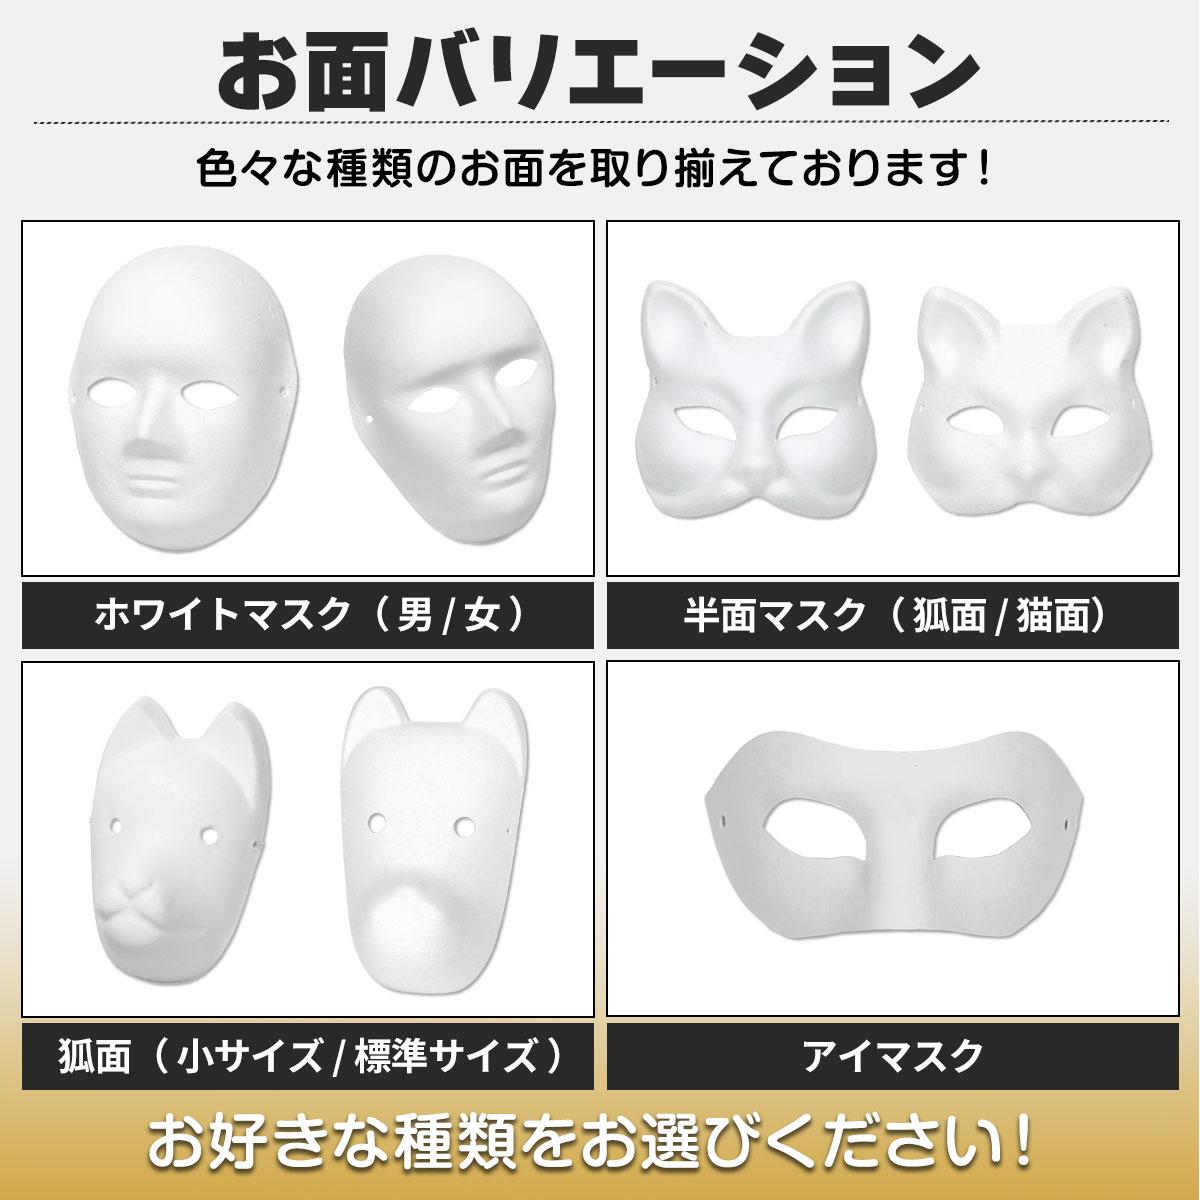 お面 ホワイトマスク 仮面 無地 ペイント 紙パルプ製 【20枚セット】